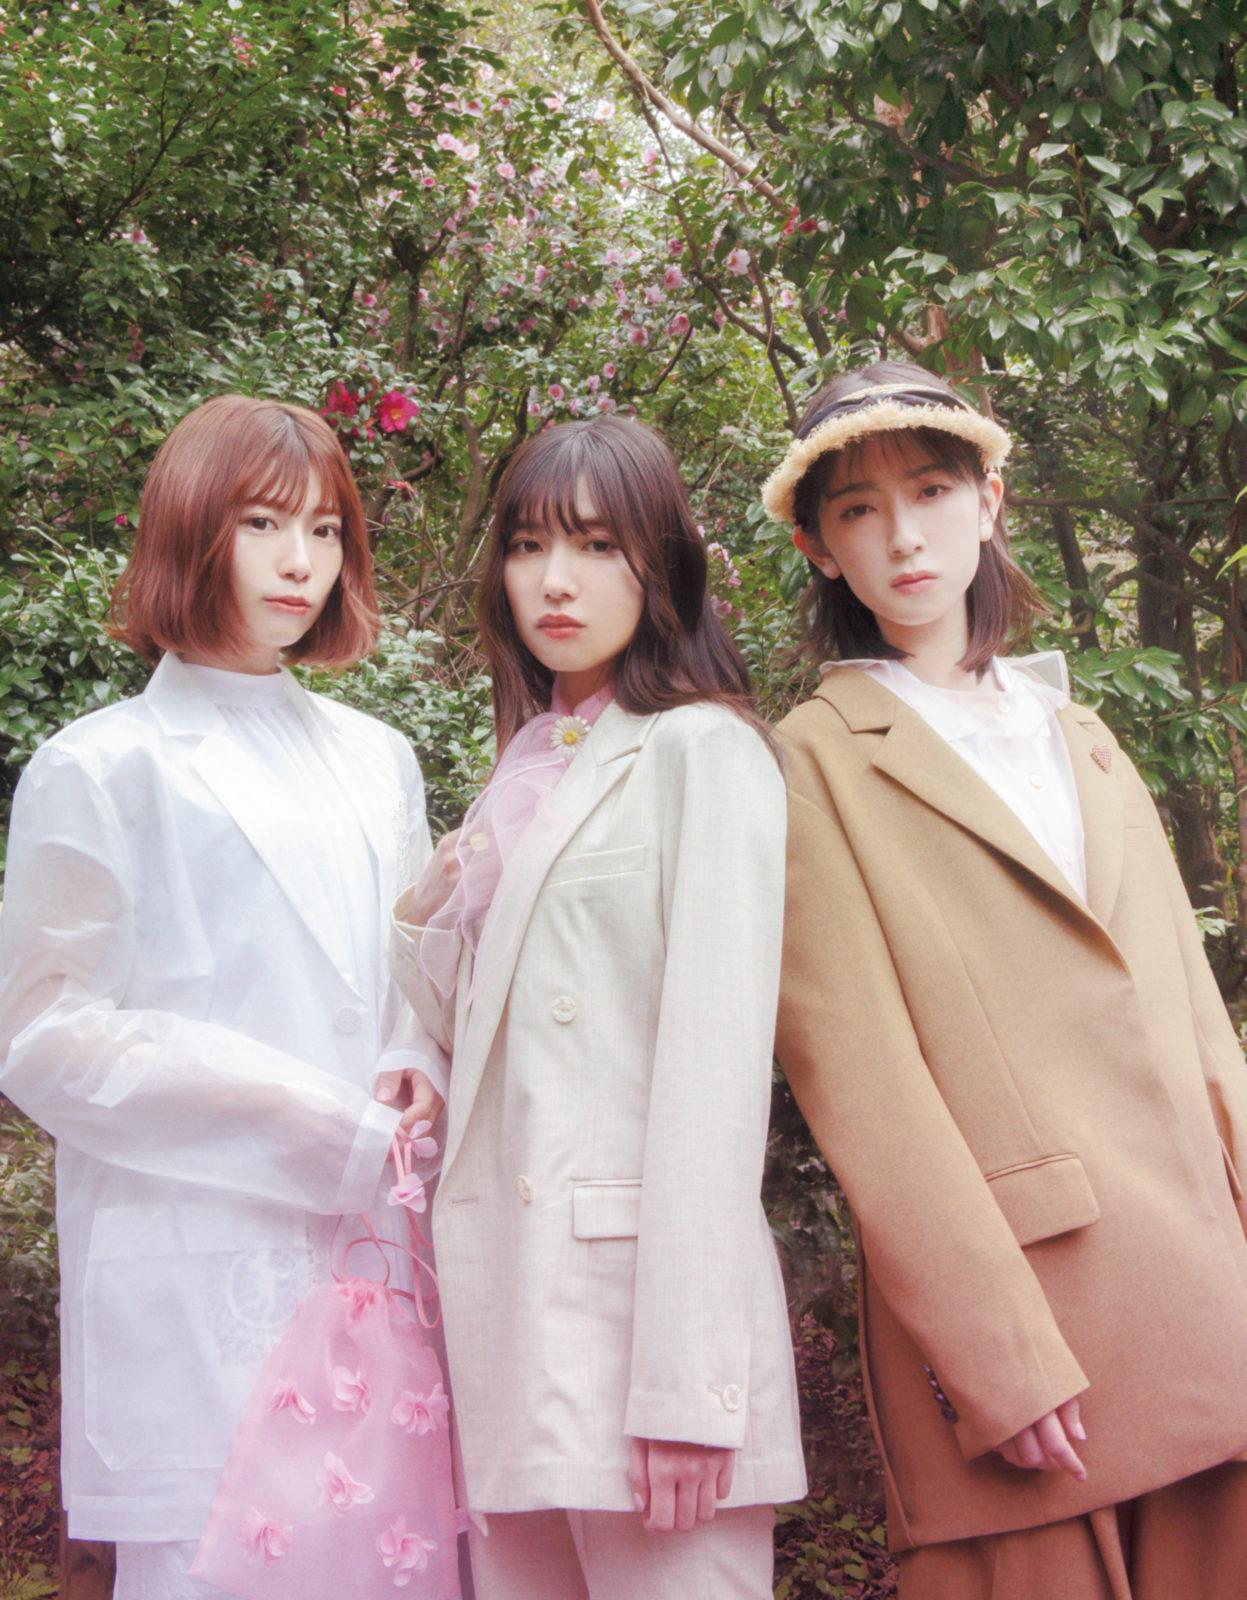 """小松菜奈、桜井日奈子、日向坂46メンバーらが""""ピンク""""をテーマにしたカットを公開"""